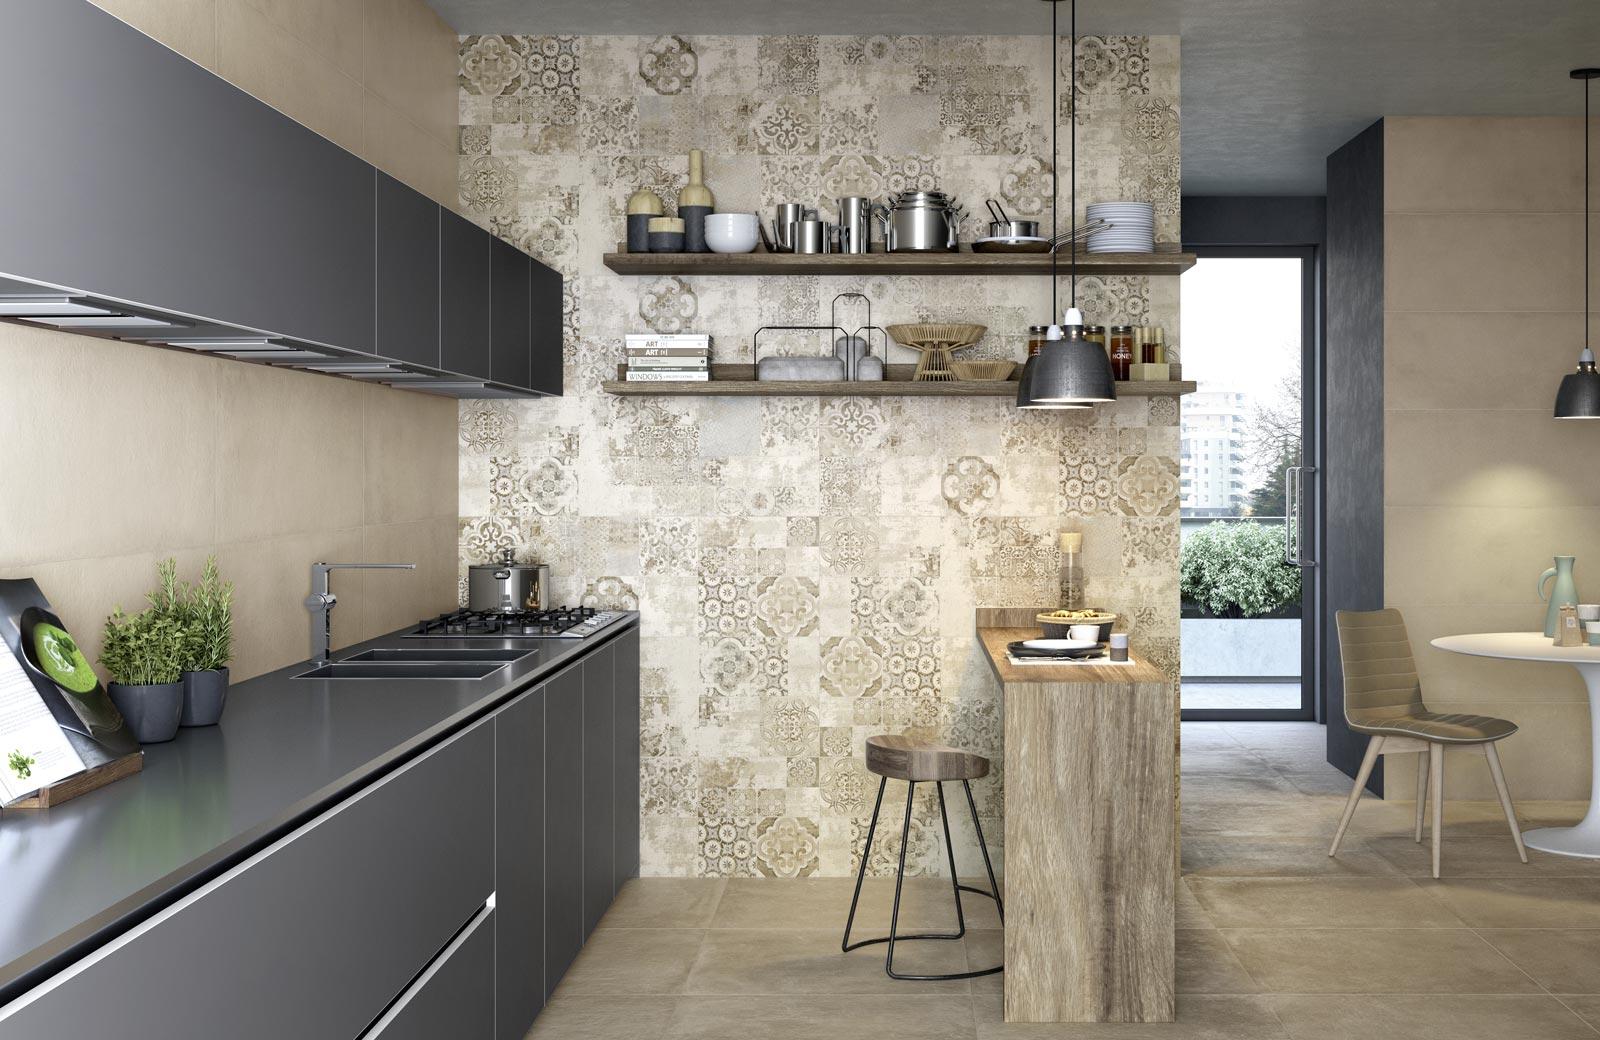 collezione terracruda rivestimento effetto cemento ragno. Black Bedroom Furniture Sets. Home Design Ideas